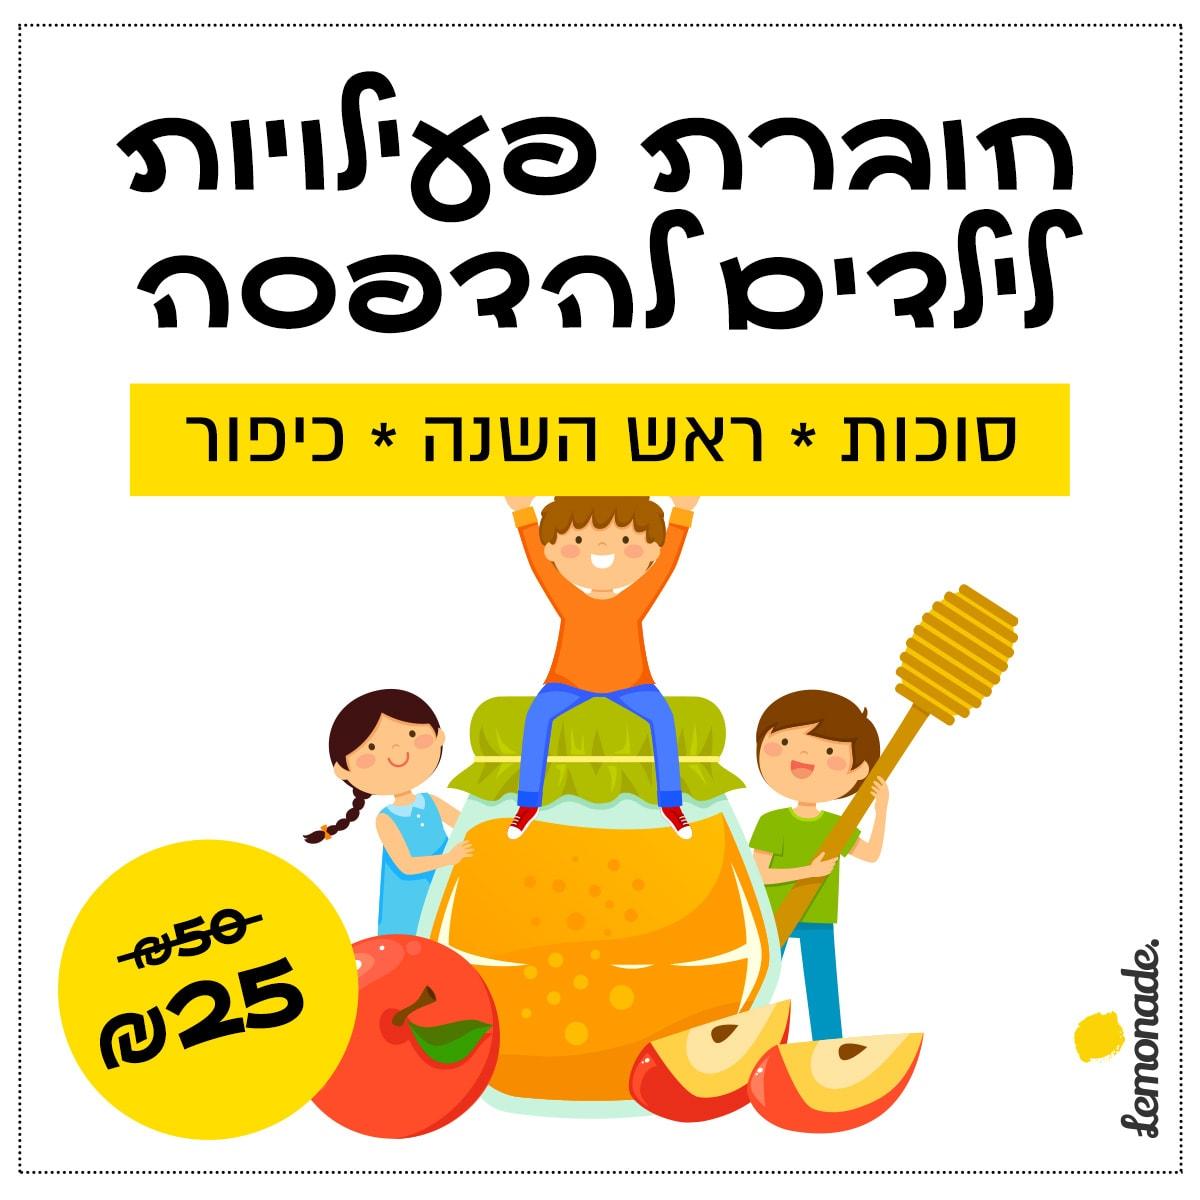 ראש השנה וחגי תשרי, חוברת פעילויות לילדים לראש השנה, יום כיפור וסוכות